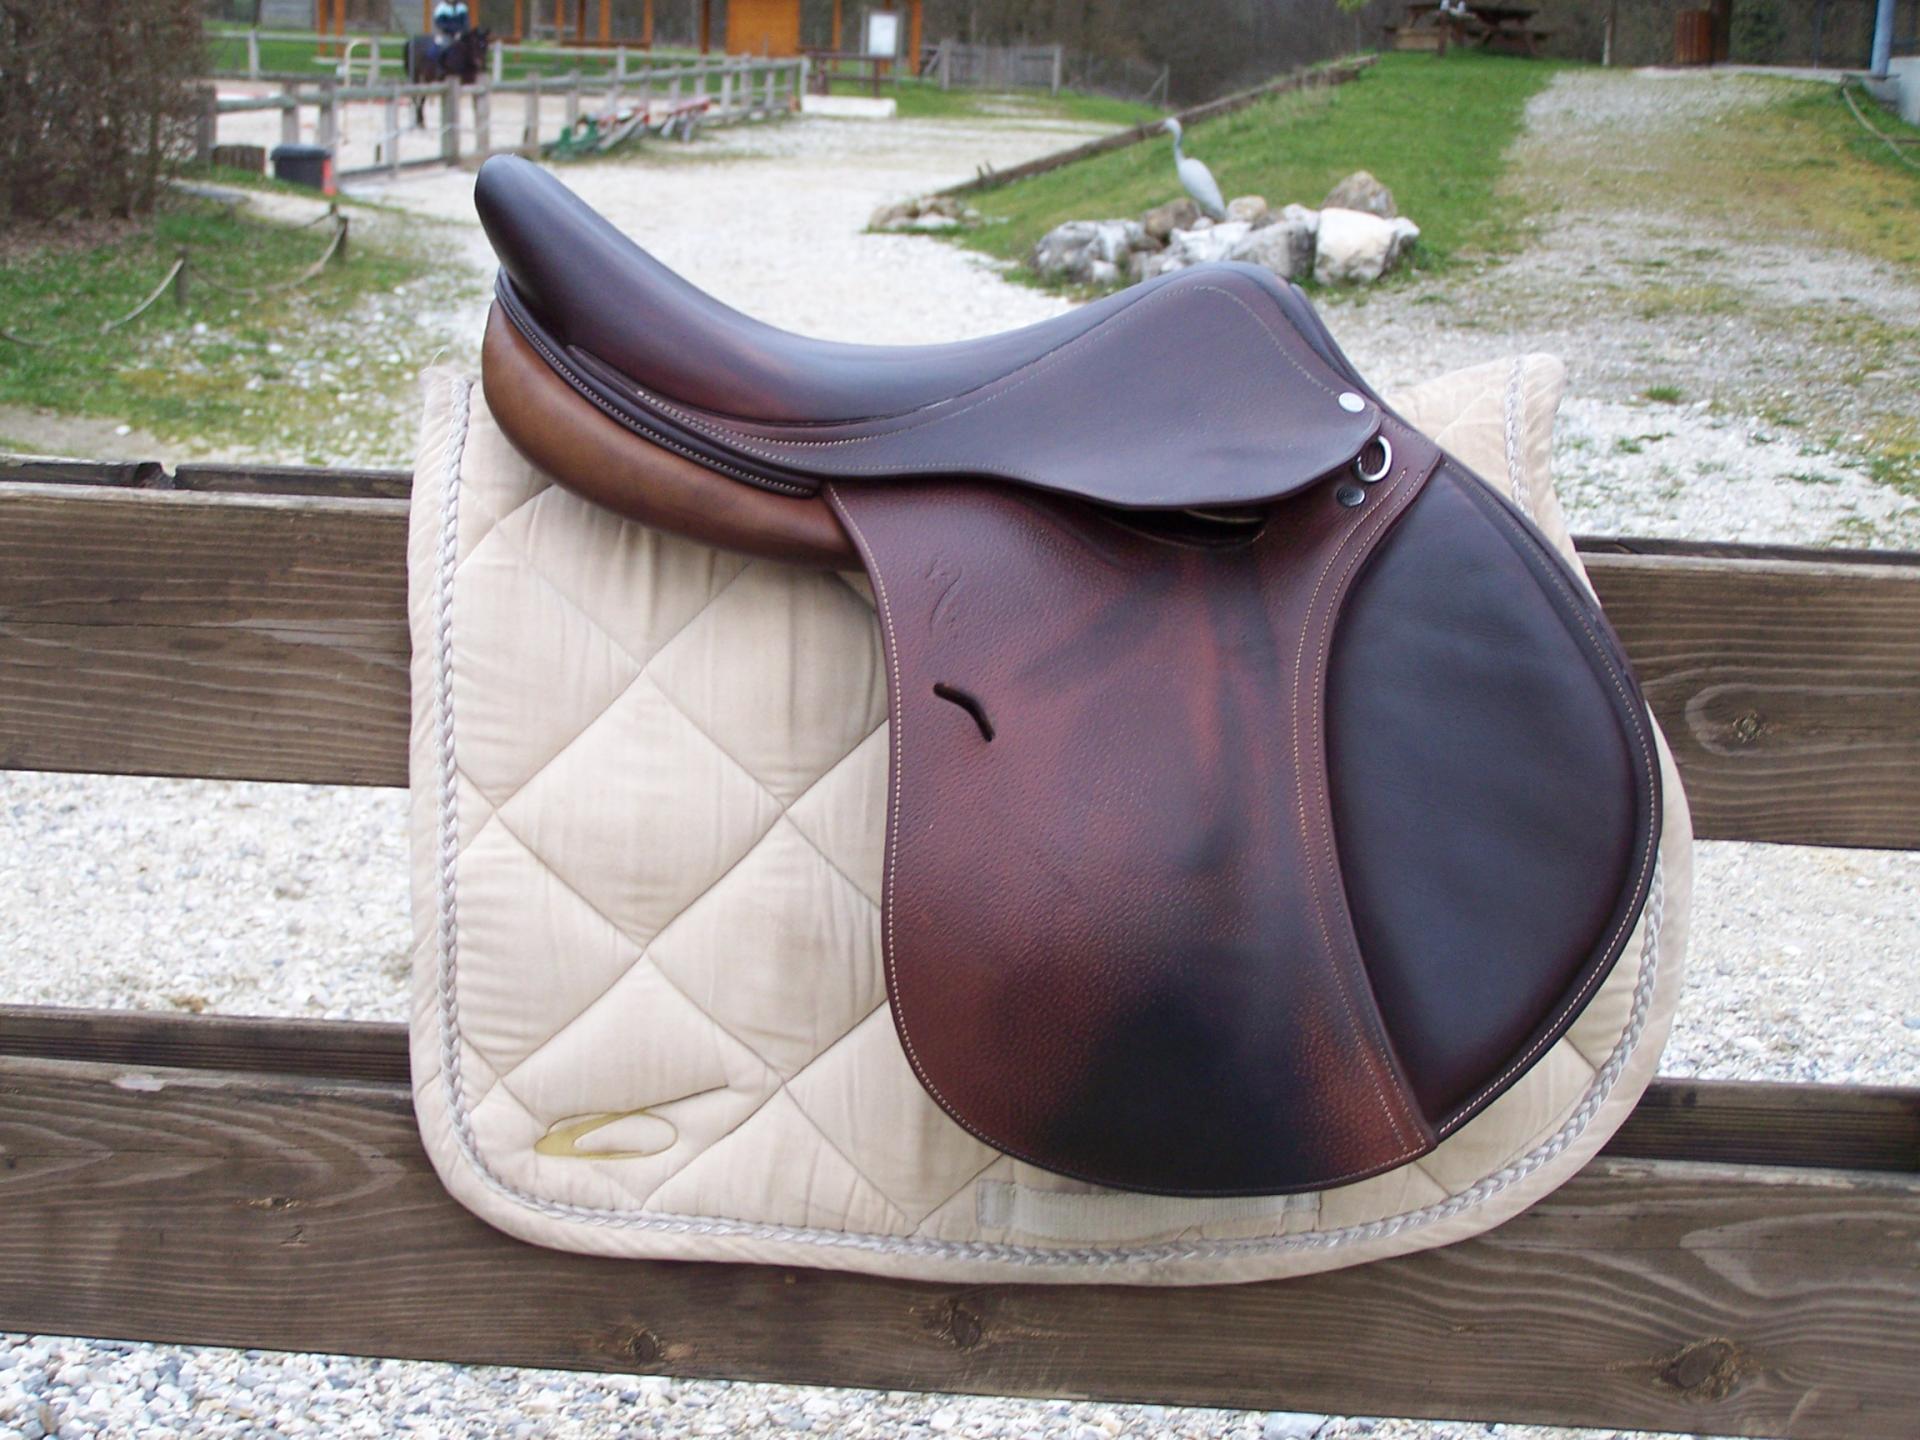 selles vendues montrant notre gamme de produits saddle sold to show our products. Black Bedroom Furniture Sets. Home Design Ideas